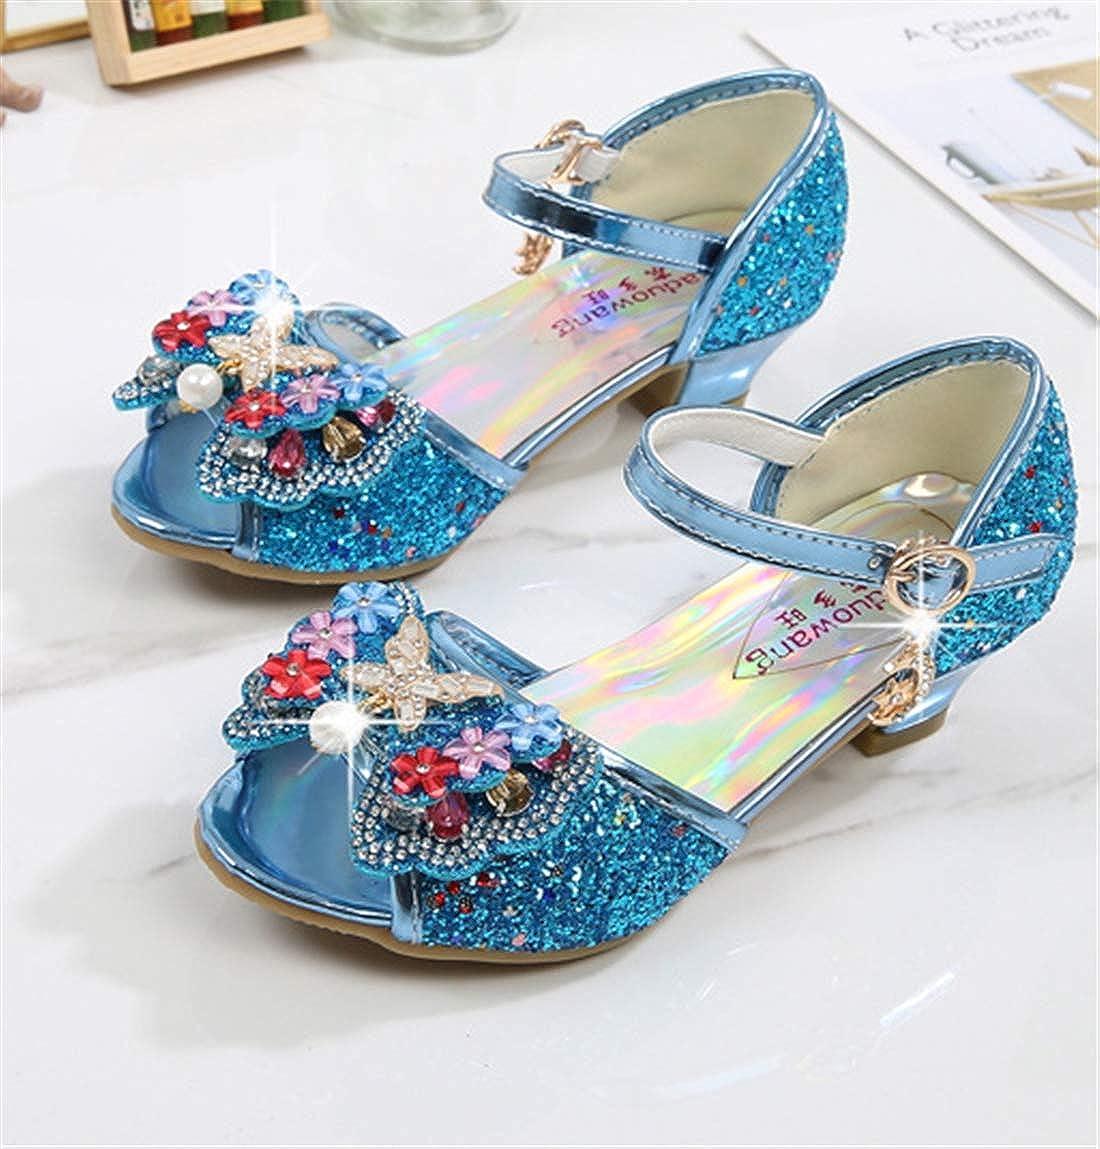 BBSMYA Sandales Fille Chaussure de Princesse /à Talon Ballerie Argent/é Dor/é Chaussure de Soir/ée F/ête Enfant avec Paillette Noeud